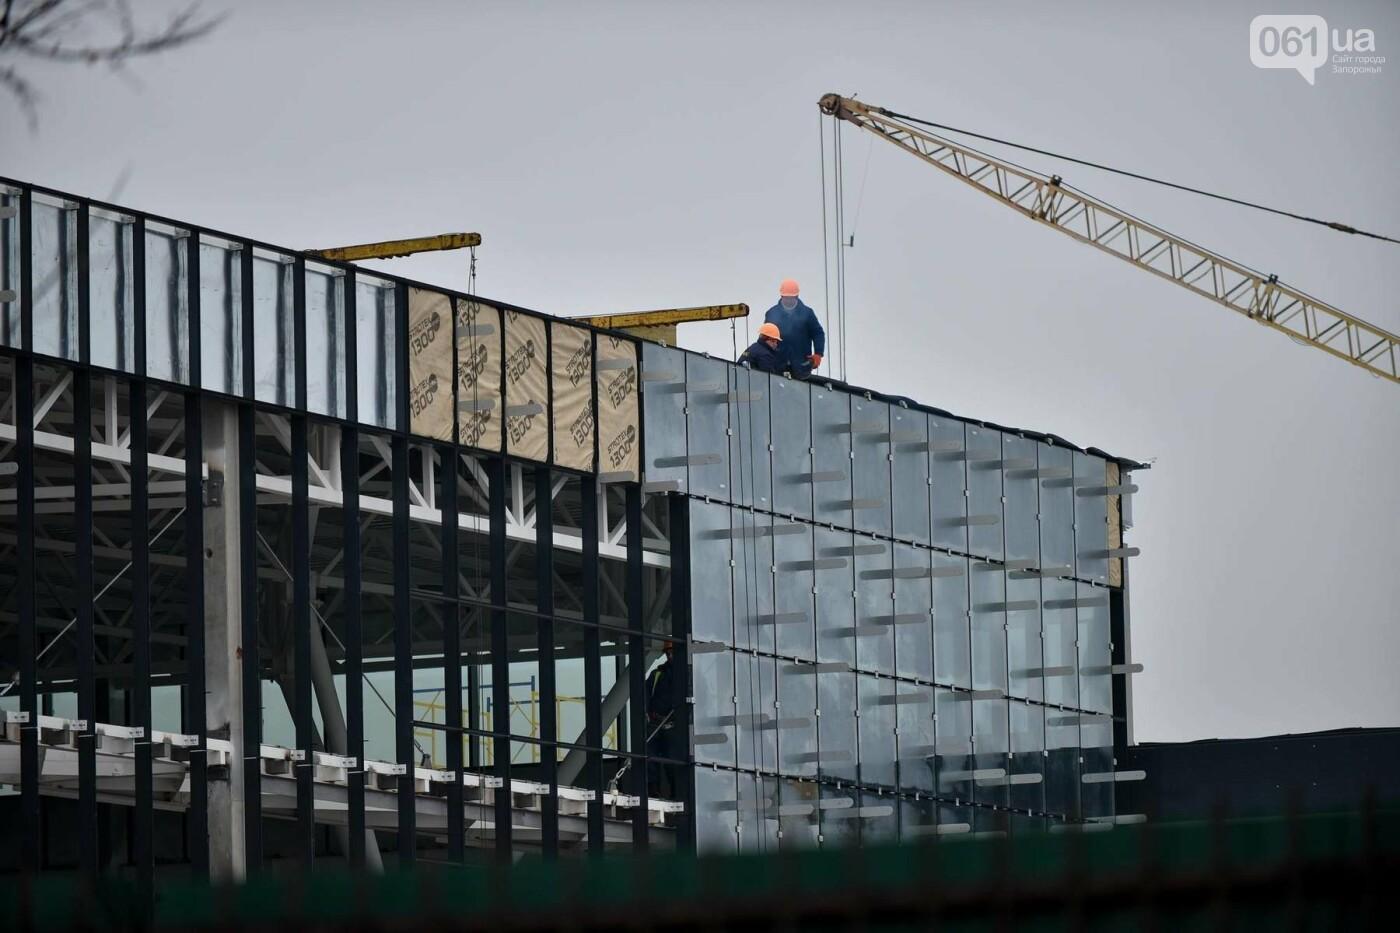 Запорожский аэропорт возьмет кредит на строительство терминала и прогнозирует увеличение пассажиропотока до одного миллиона, — ФОТОРЕПОРТАЖ, фото-15